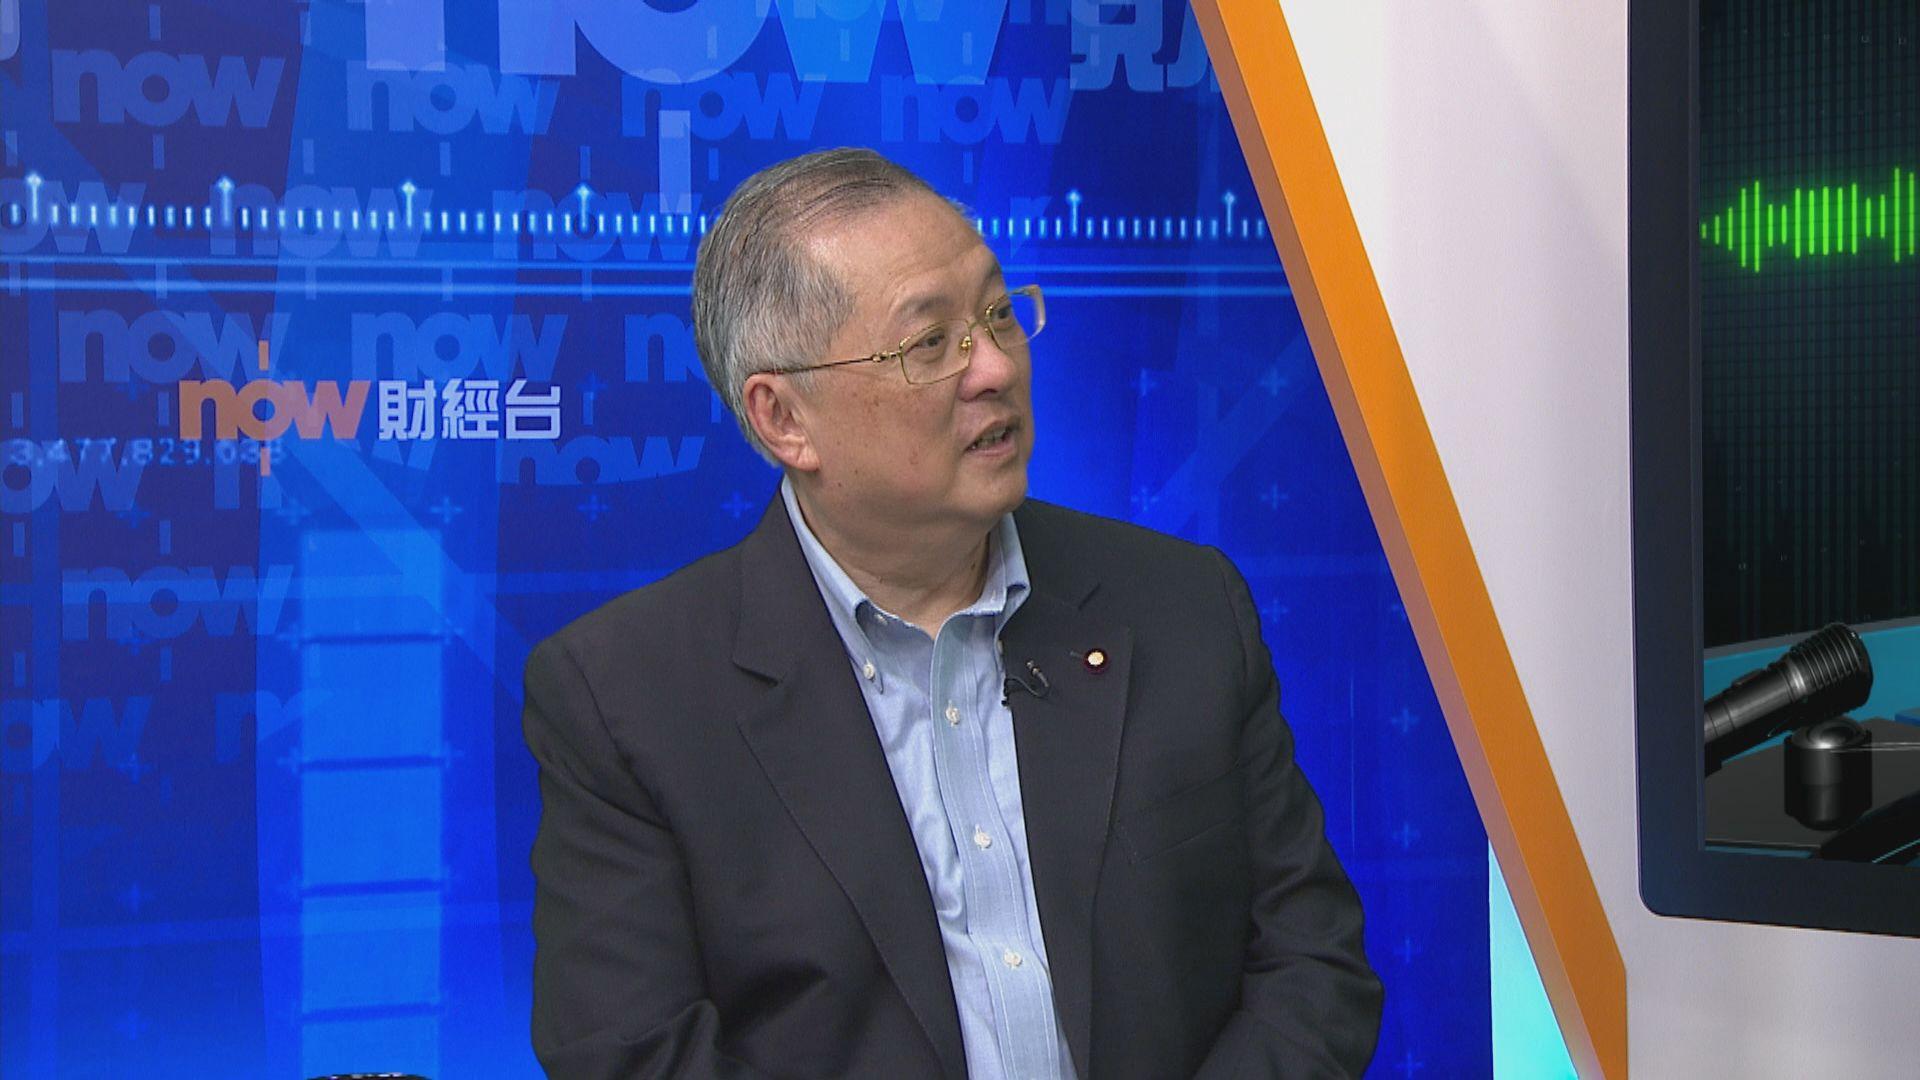 張宇人:不贊成以獨立委員會調查反修例衝突